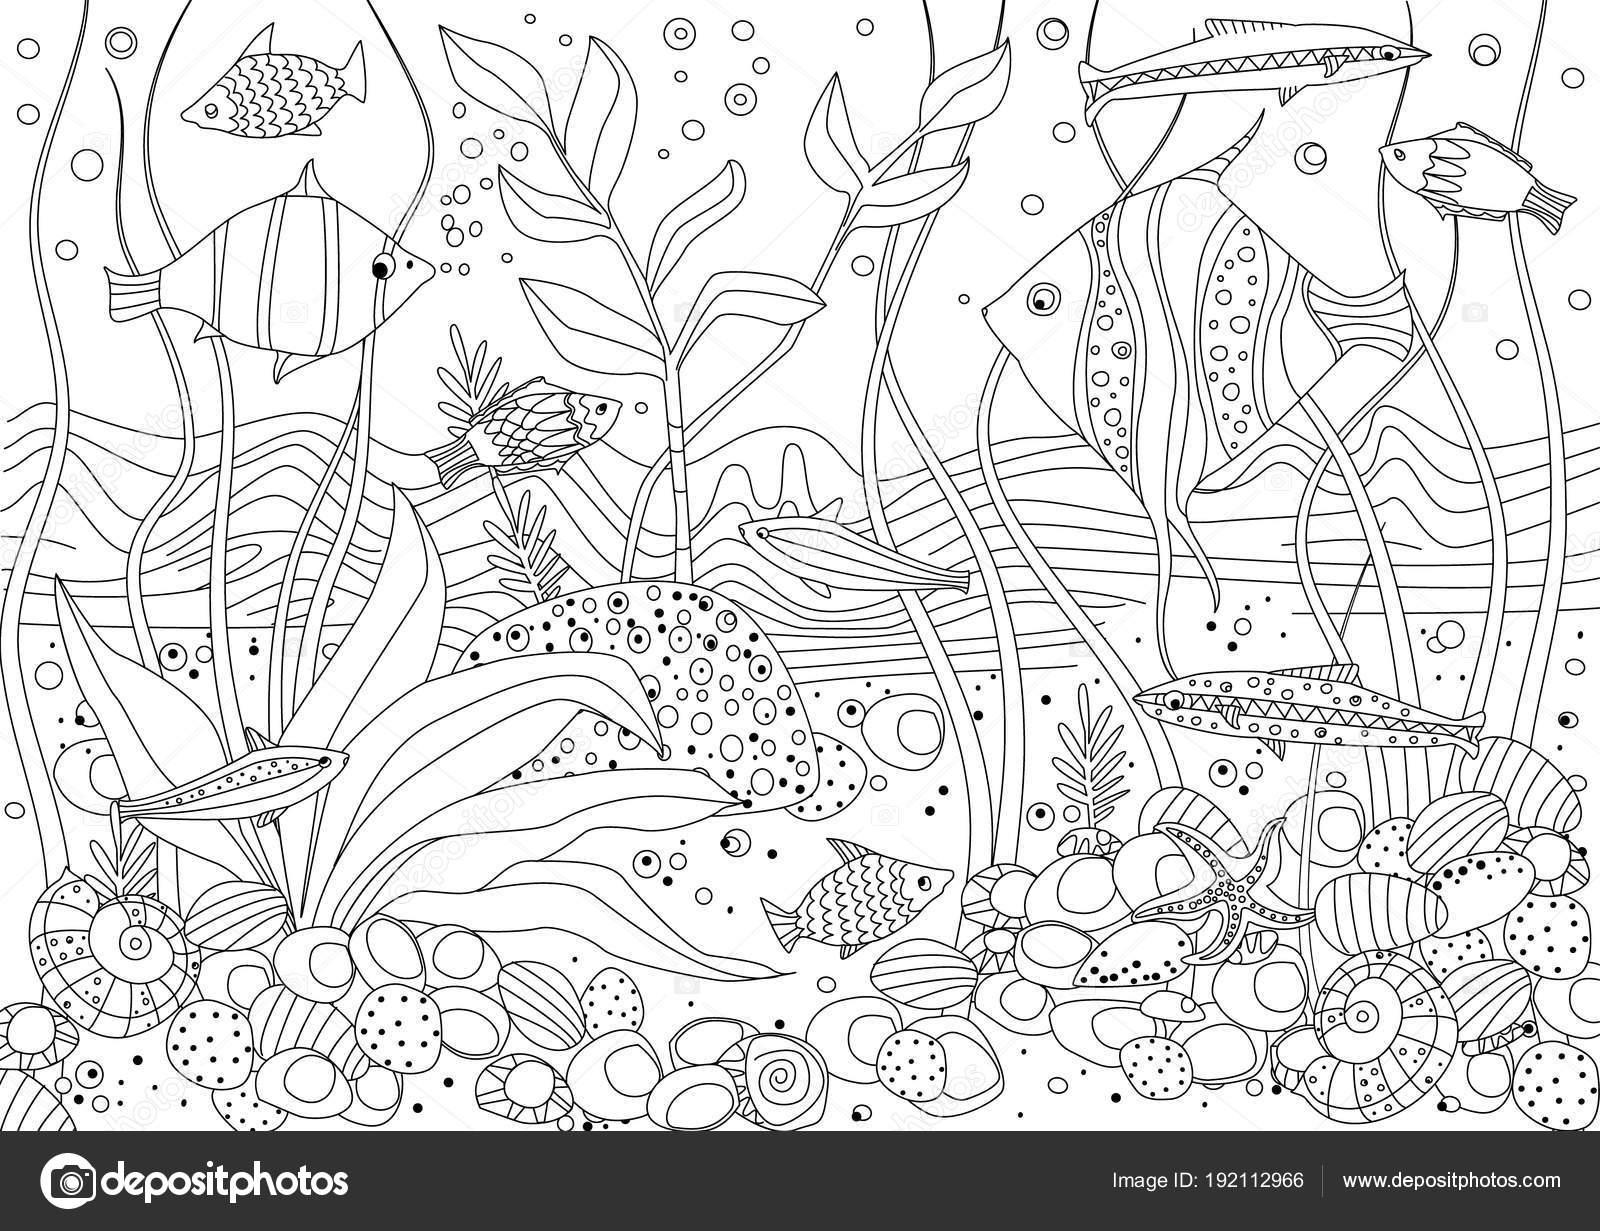 Vektör çizim Tasarım Boyama Kitabı Için Deniz Yosunu Rock Taşlarla